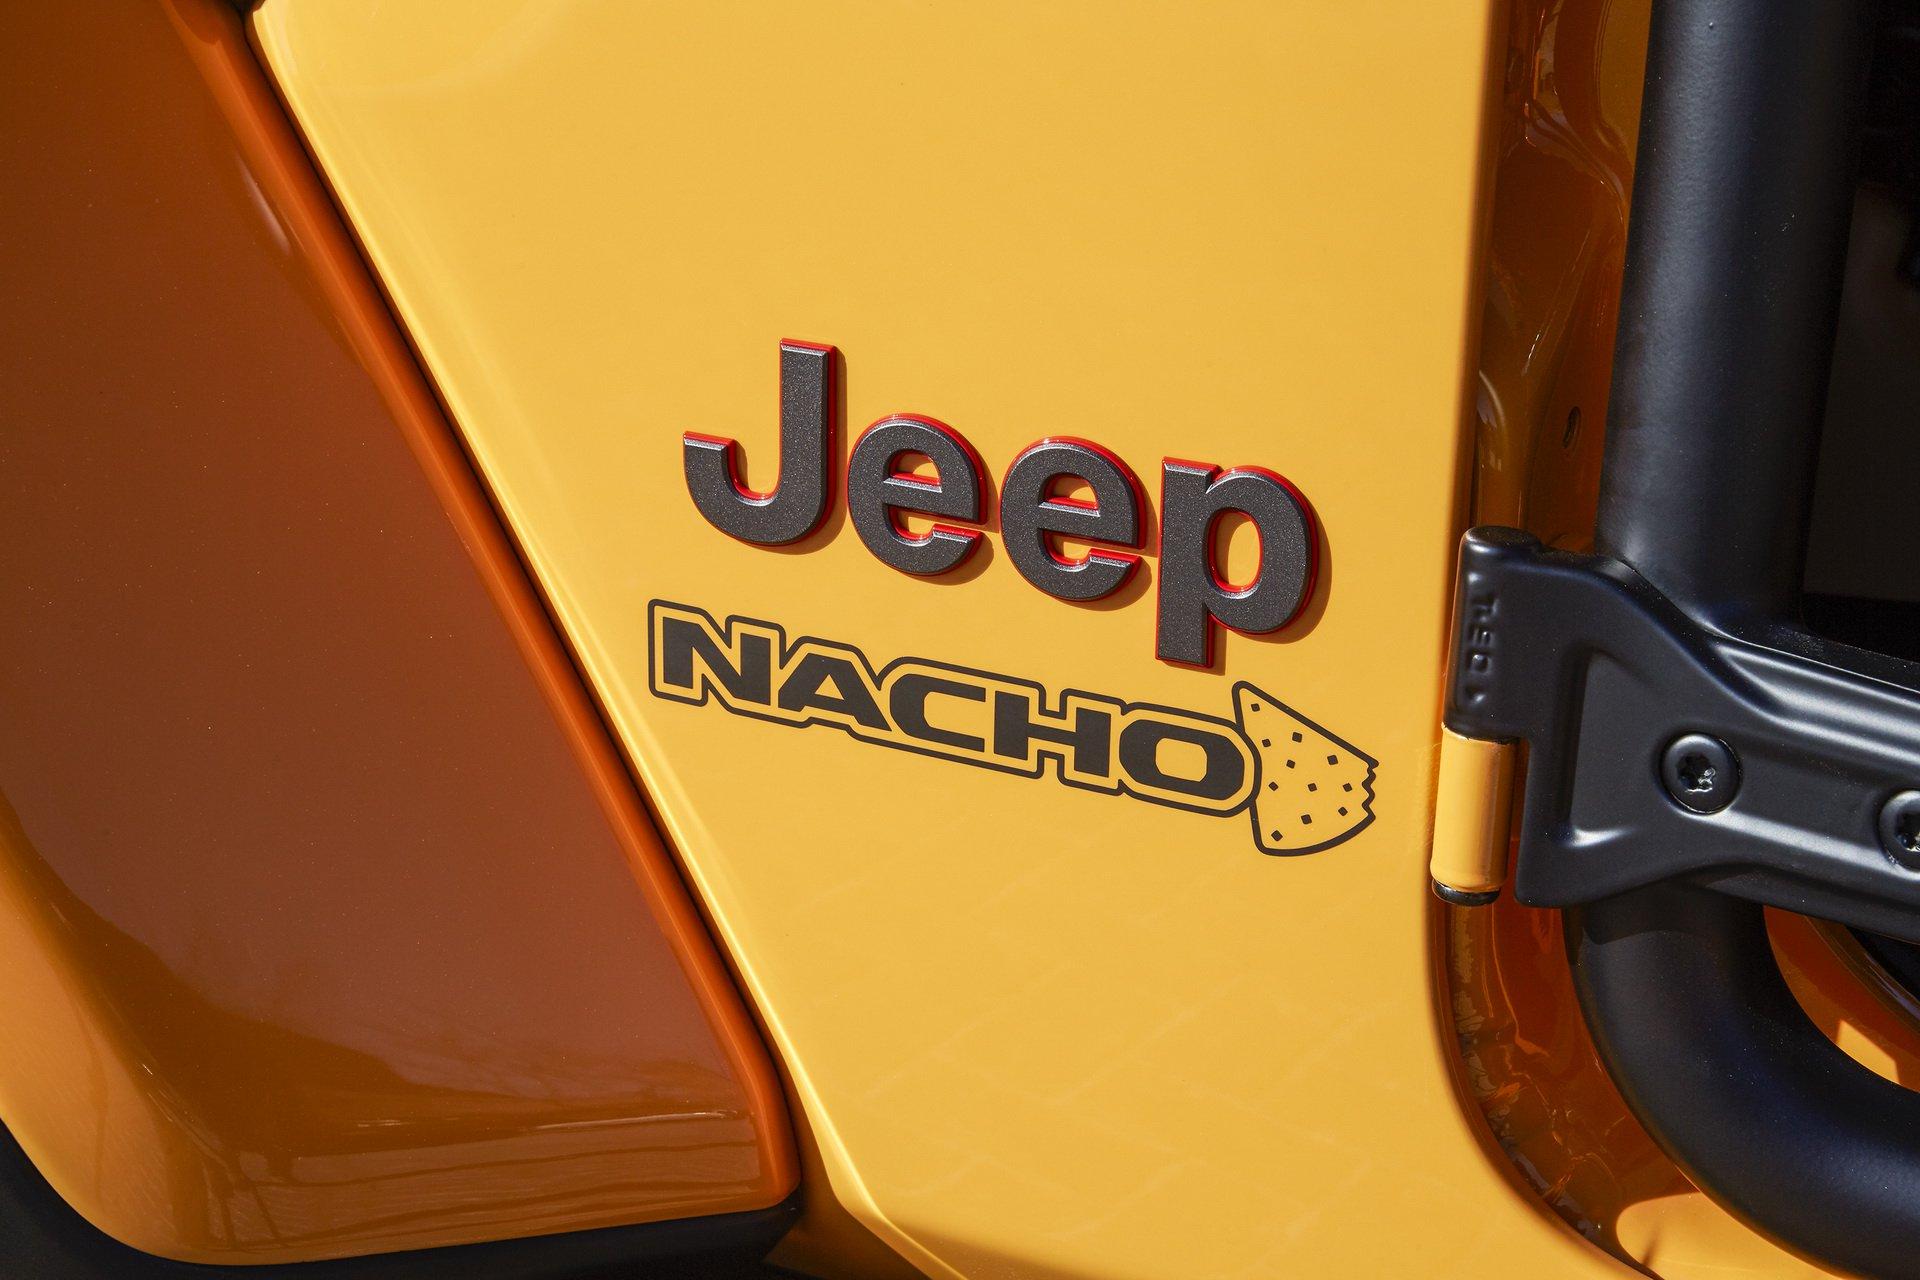 Nacho Jeep Concept Chicago 2019 (6)